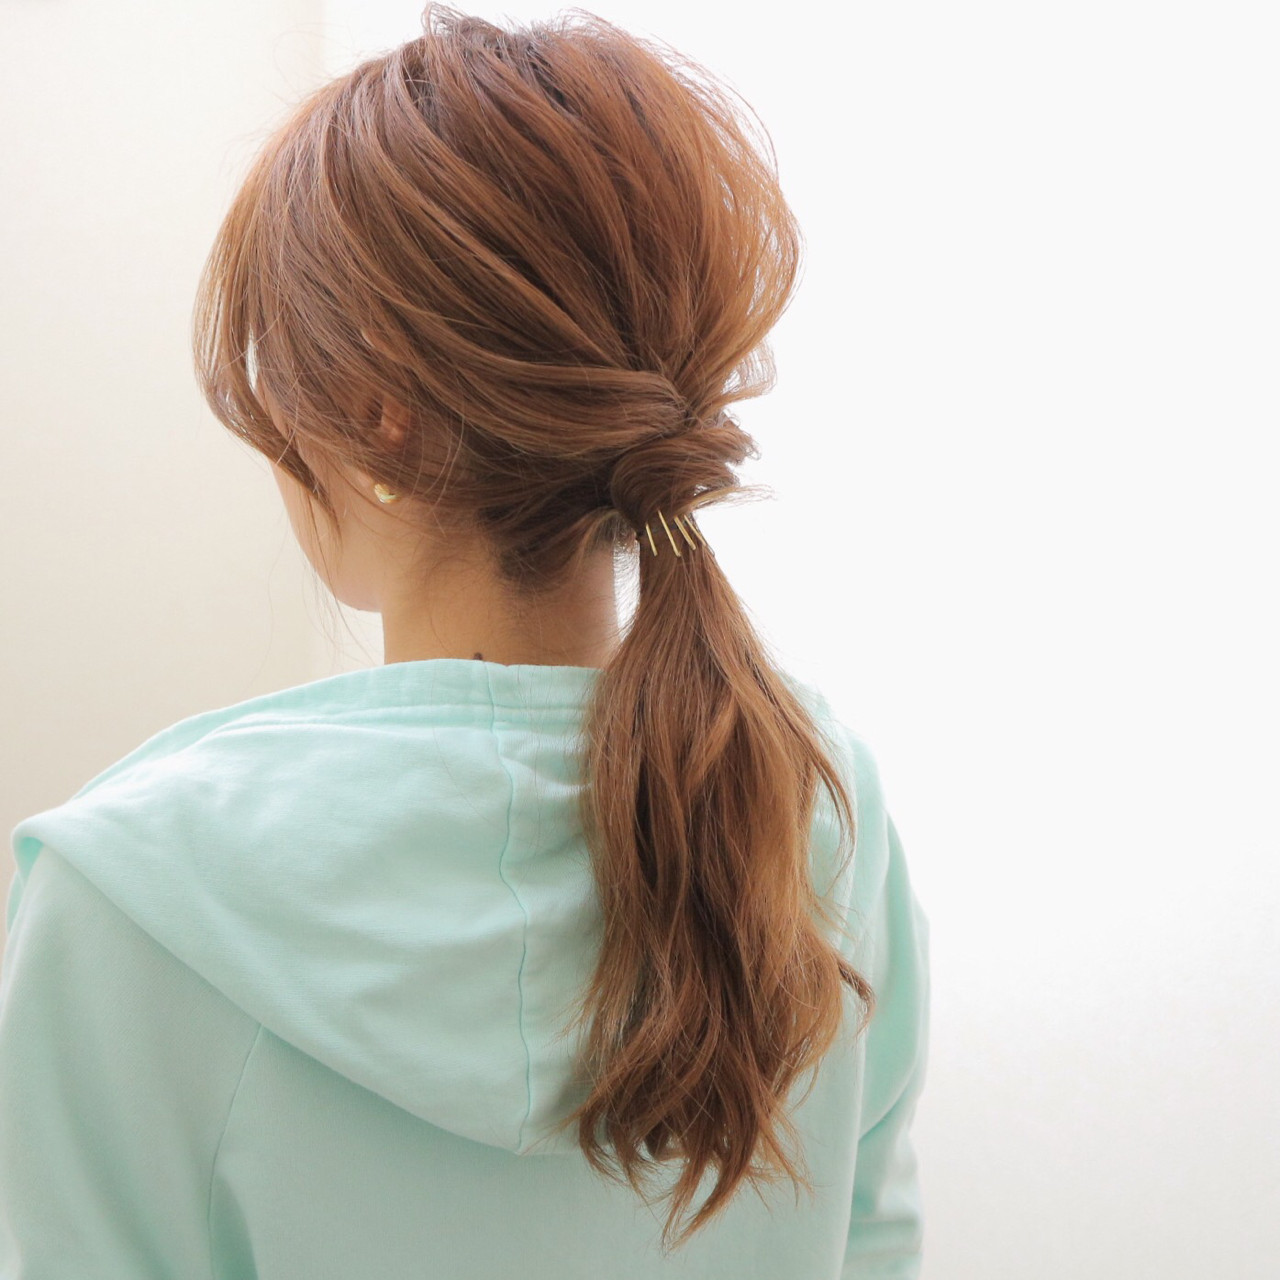 ローポニーテール ヘアアレンジ ロング 簡単 ヘアスタイルや髪型の写真・画像